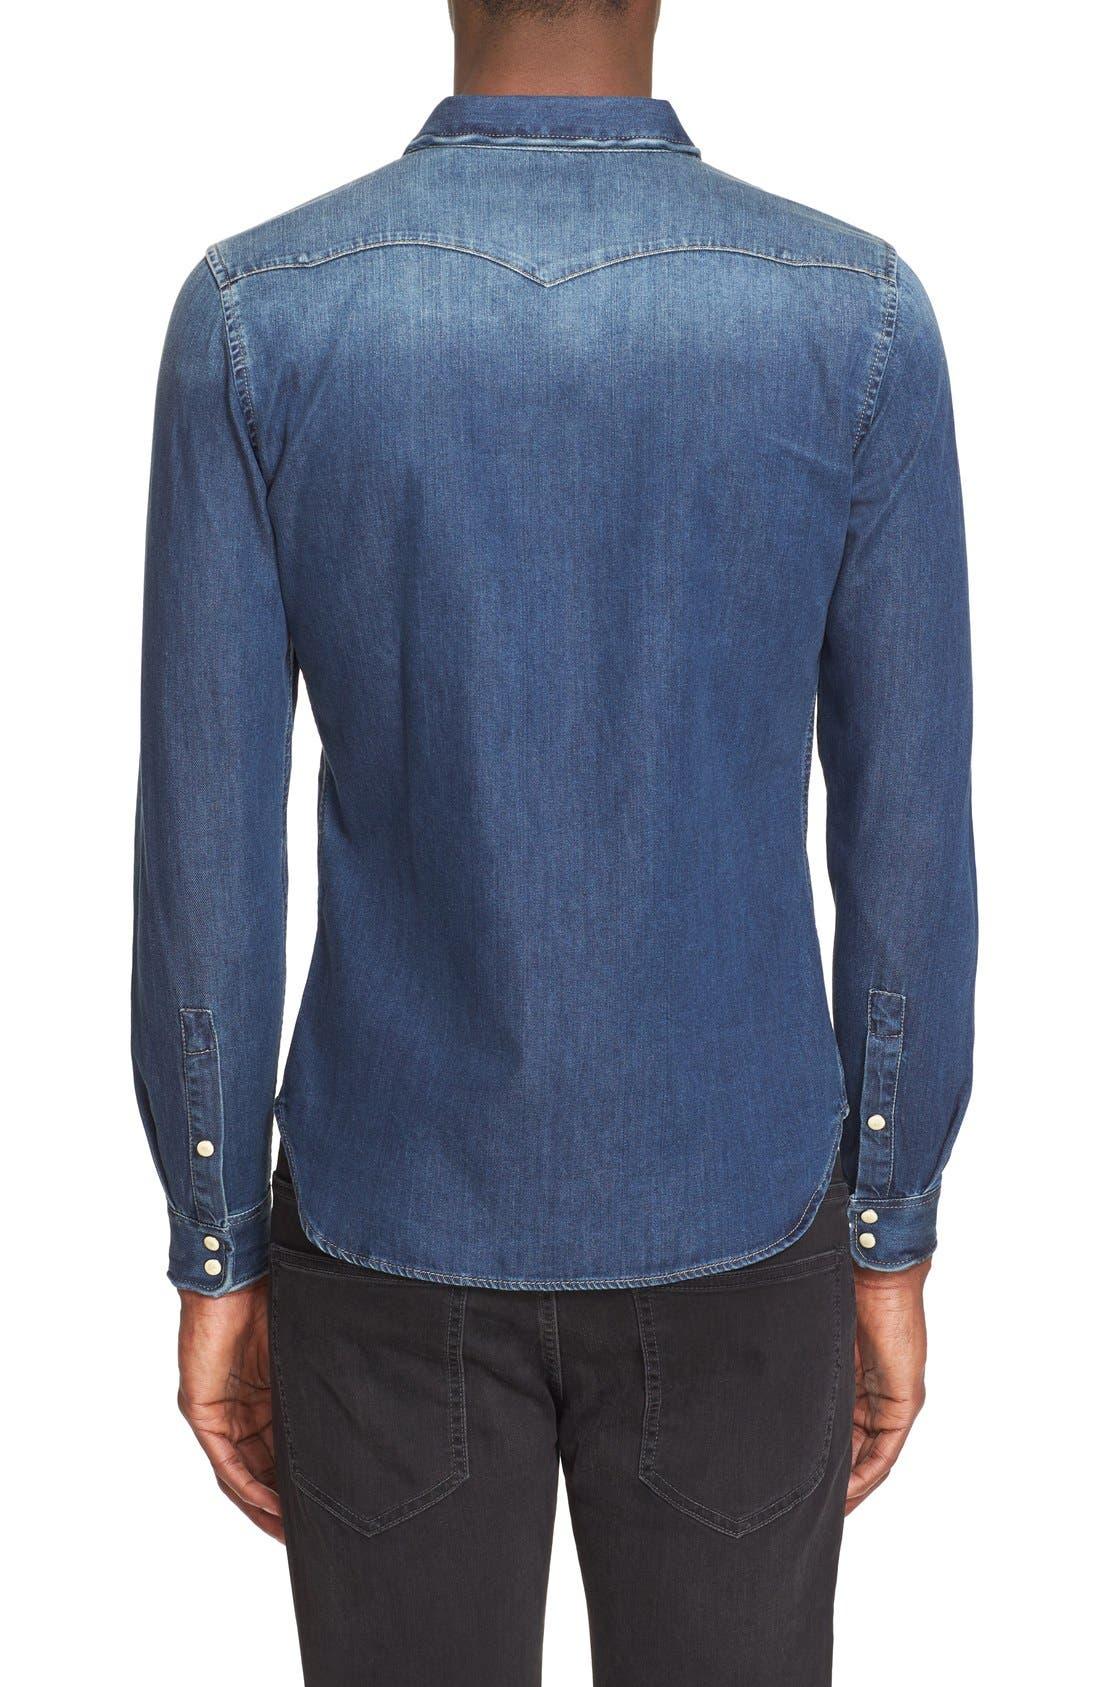 Alternate Image 3  - The Kooples Trim Fit Washed Denim Western Shirt